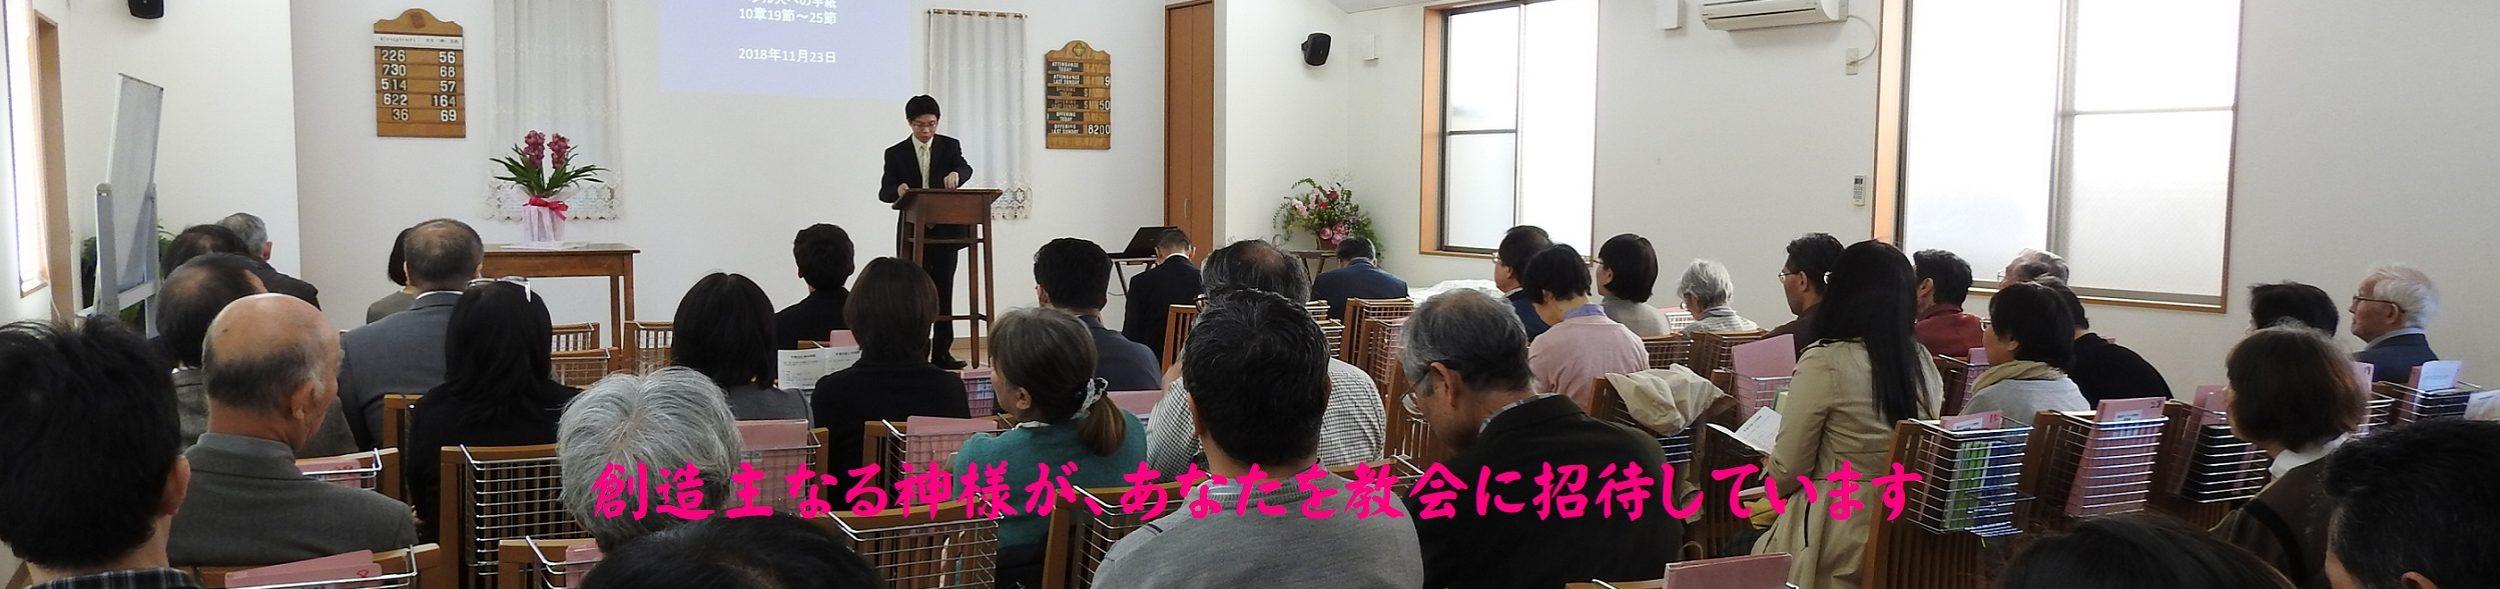 横田キリストの教会